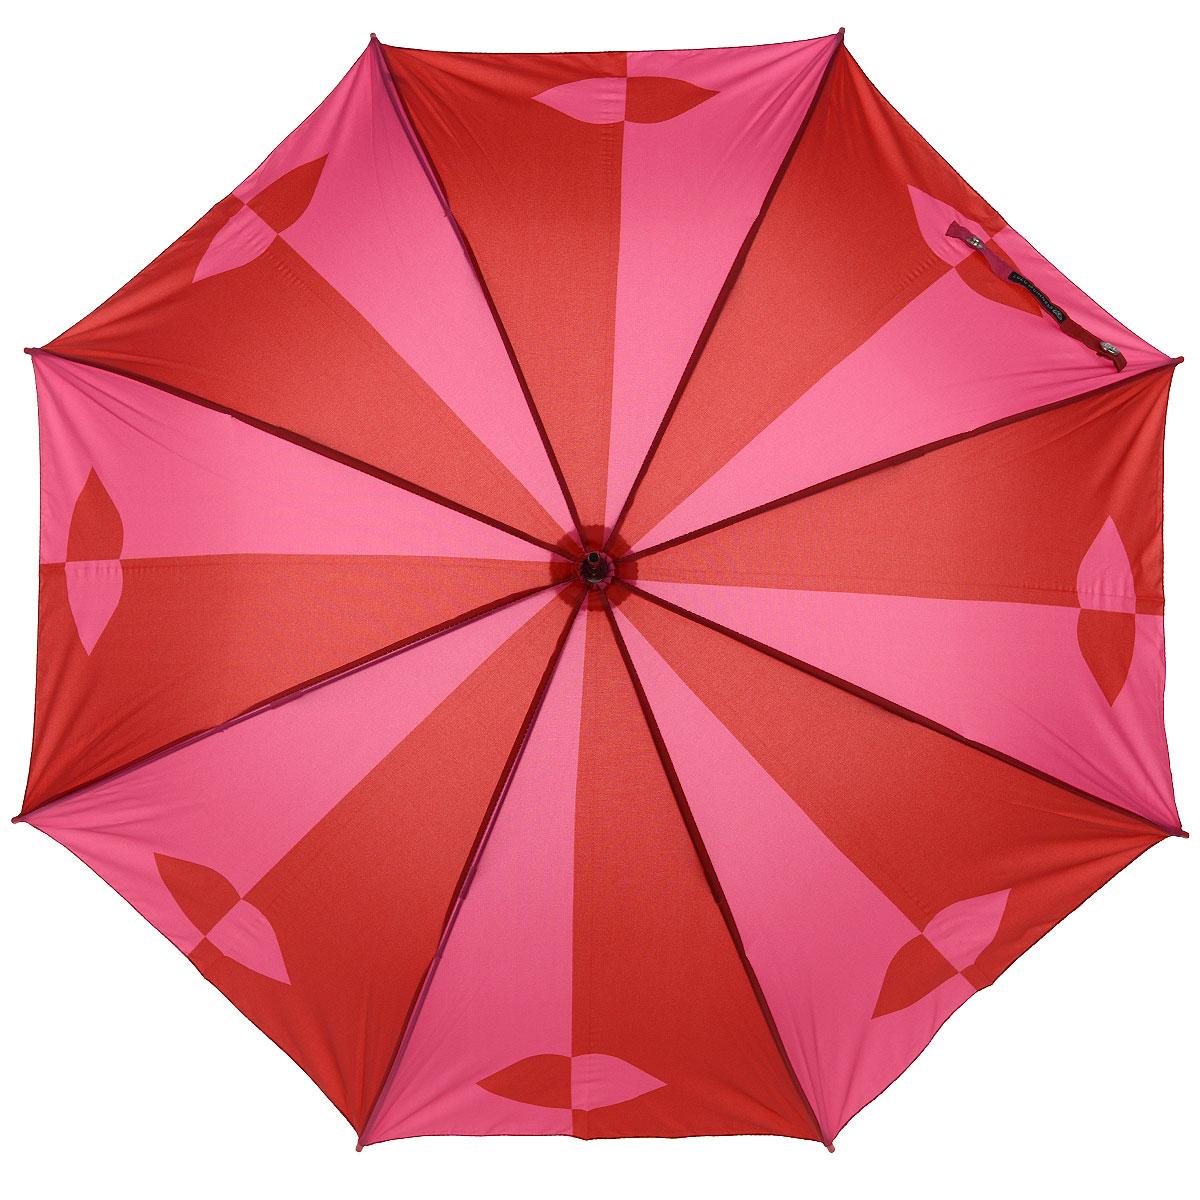 Зонт-трость женский Red Pink Lips, механический, цвет: красный, розовыйL 720 3F2678Стильный механический зонт-трость Red Pink Lips даже в ненастную погоду позволит вам оставаться элегантной. Каркас зонта выполнен из 8 спиц, стержень изготовлен из стали. Купол зонта выполнен из прочного полиэстера красно-розового цвета и оформлен принтом в виде губ. Рукоятка закругленной формы разработана с учетом требований эргономики и выполнена из пластика. Зонт имеет механический тип сложения: купол открывается и закрывается вручную до характерного щелчка. Такой зонт не только надежно защитит вас от дождя, но и станет стильным аксессуаром. Характеристики: Материал: полиэстер, сталь, пластик. Цвет: красный, розовый. Длина стержня зонта: 77 см. Артикул: L 720 3F2678.